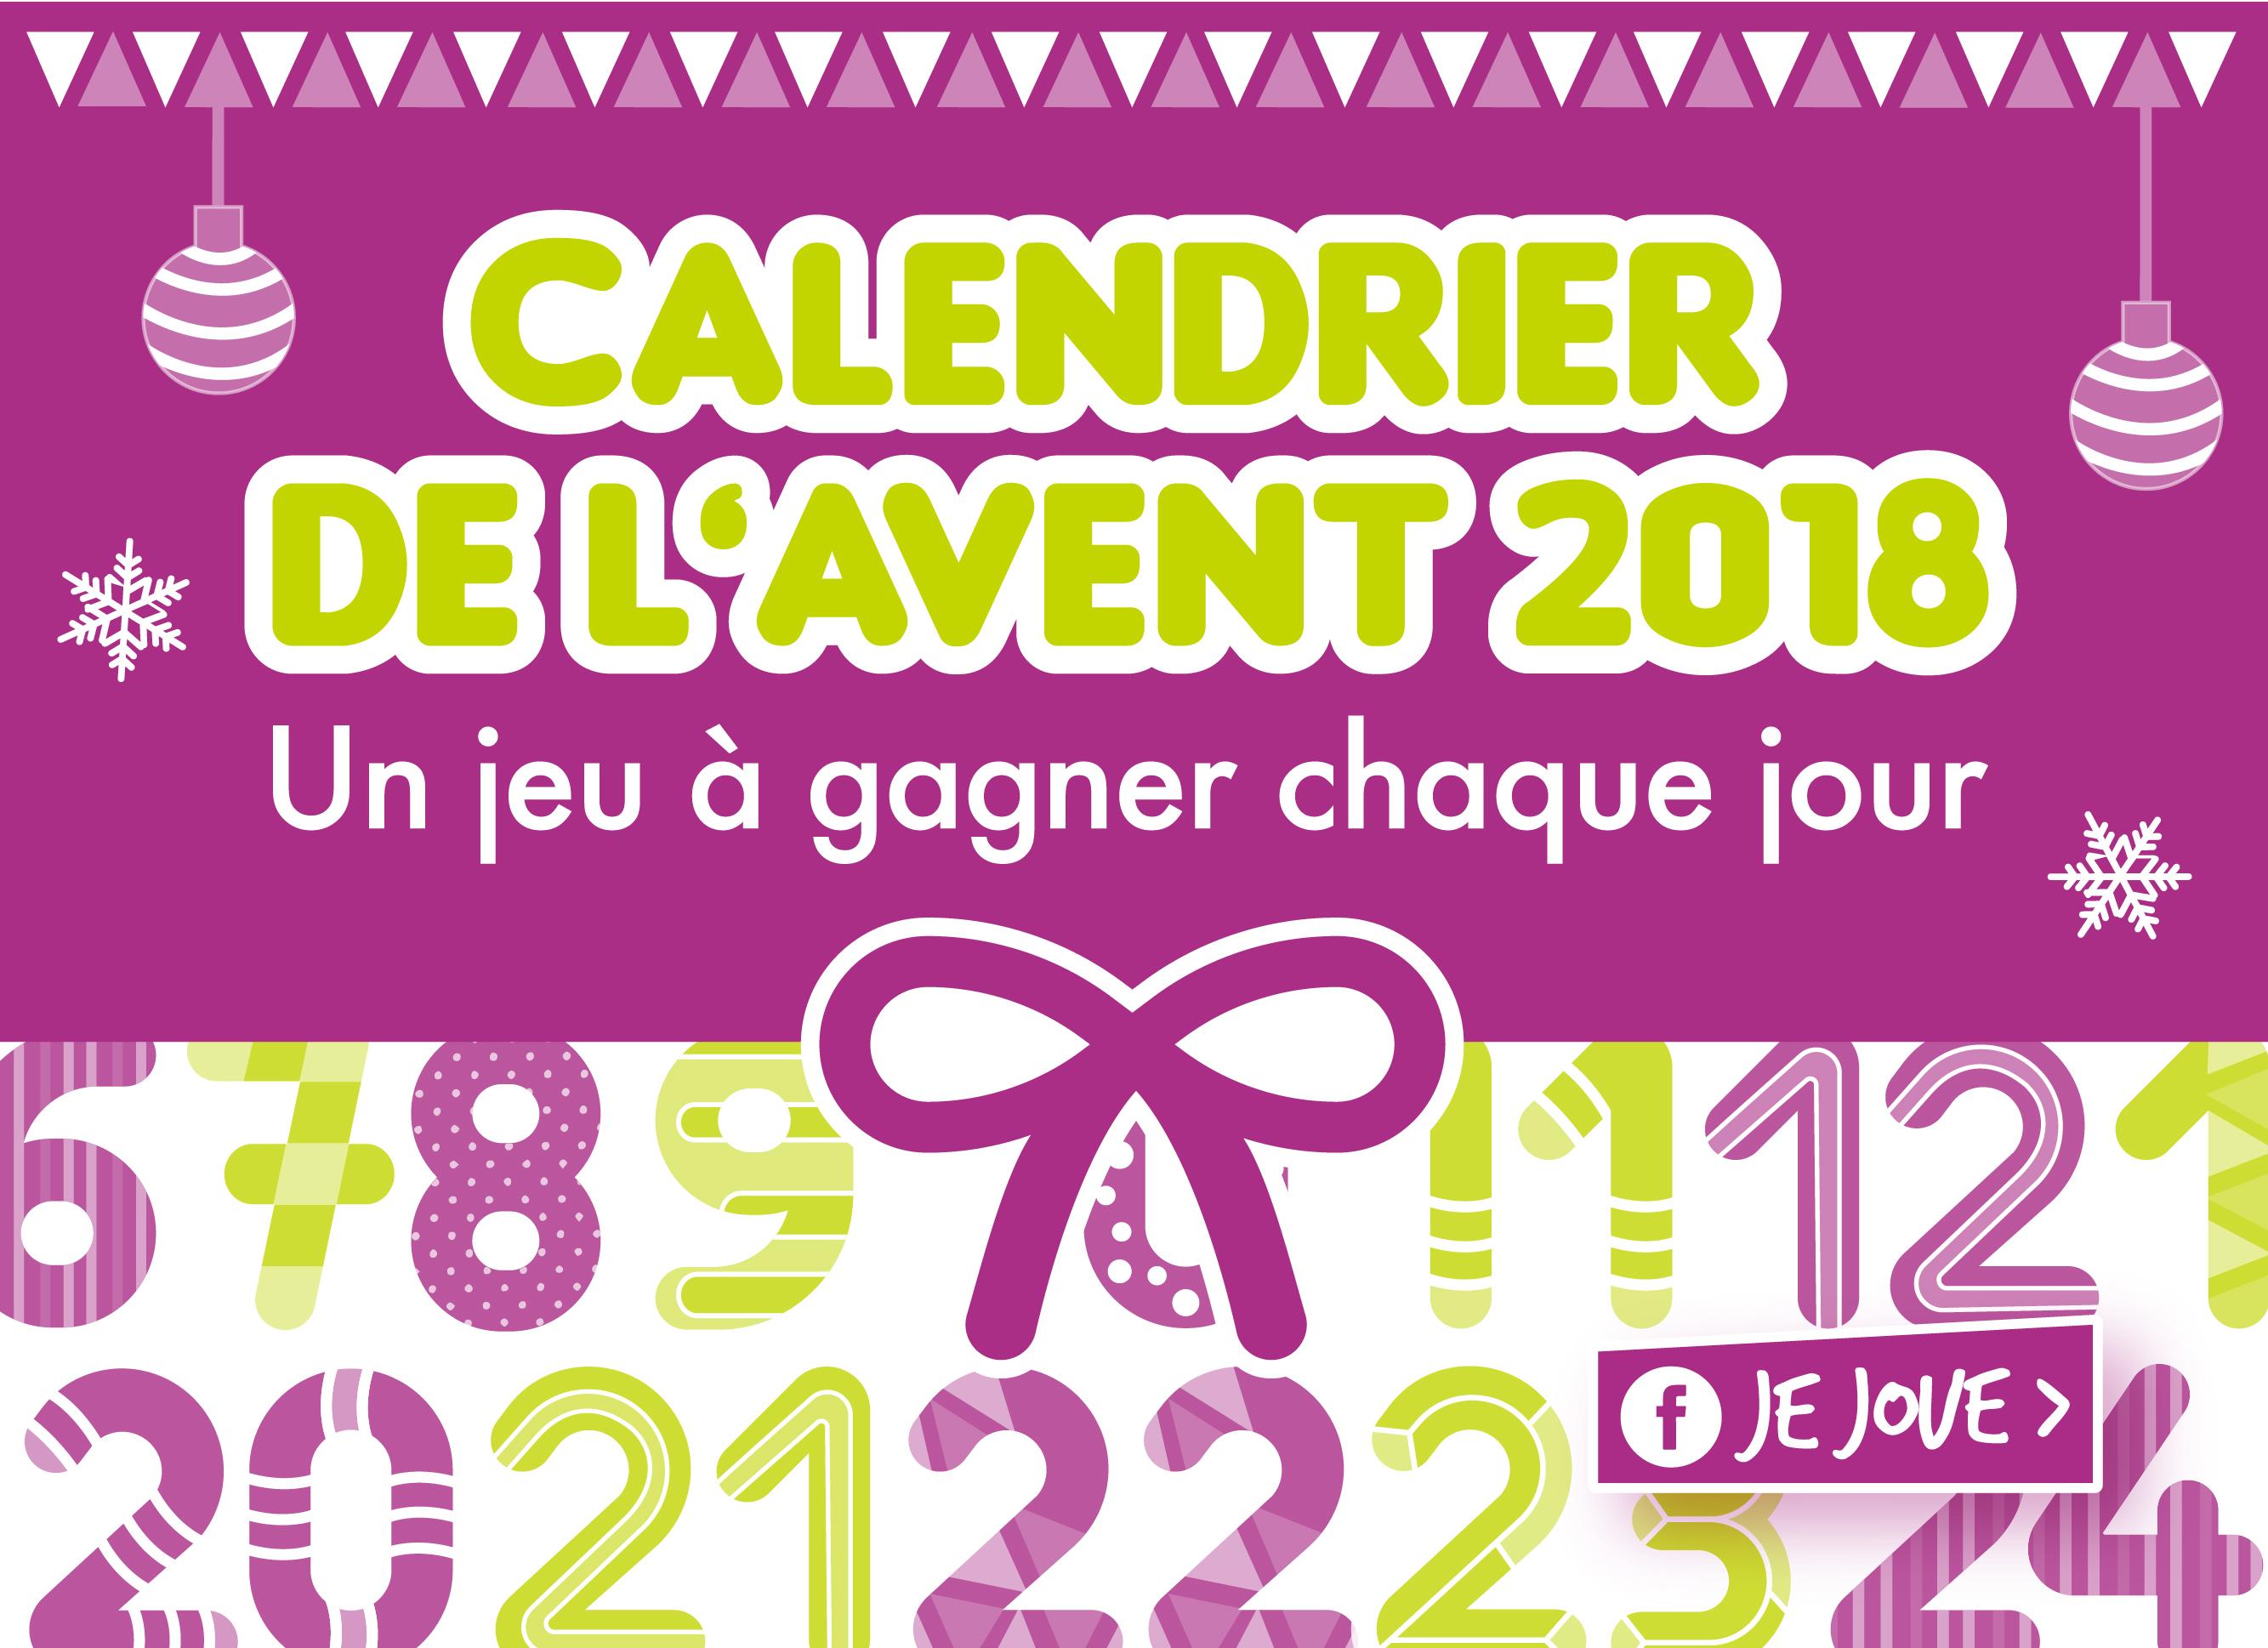 18-11-28_calendrier de l'avent